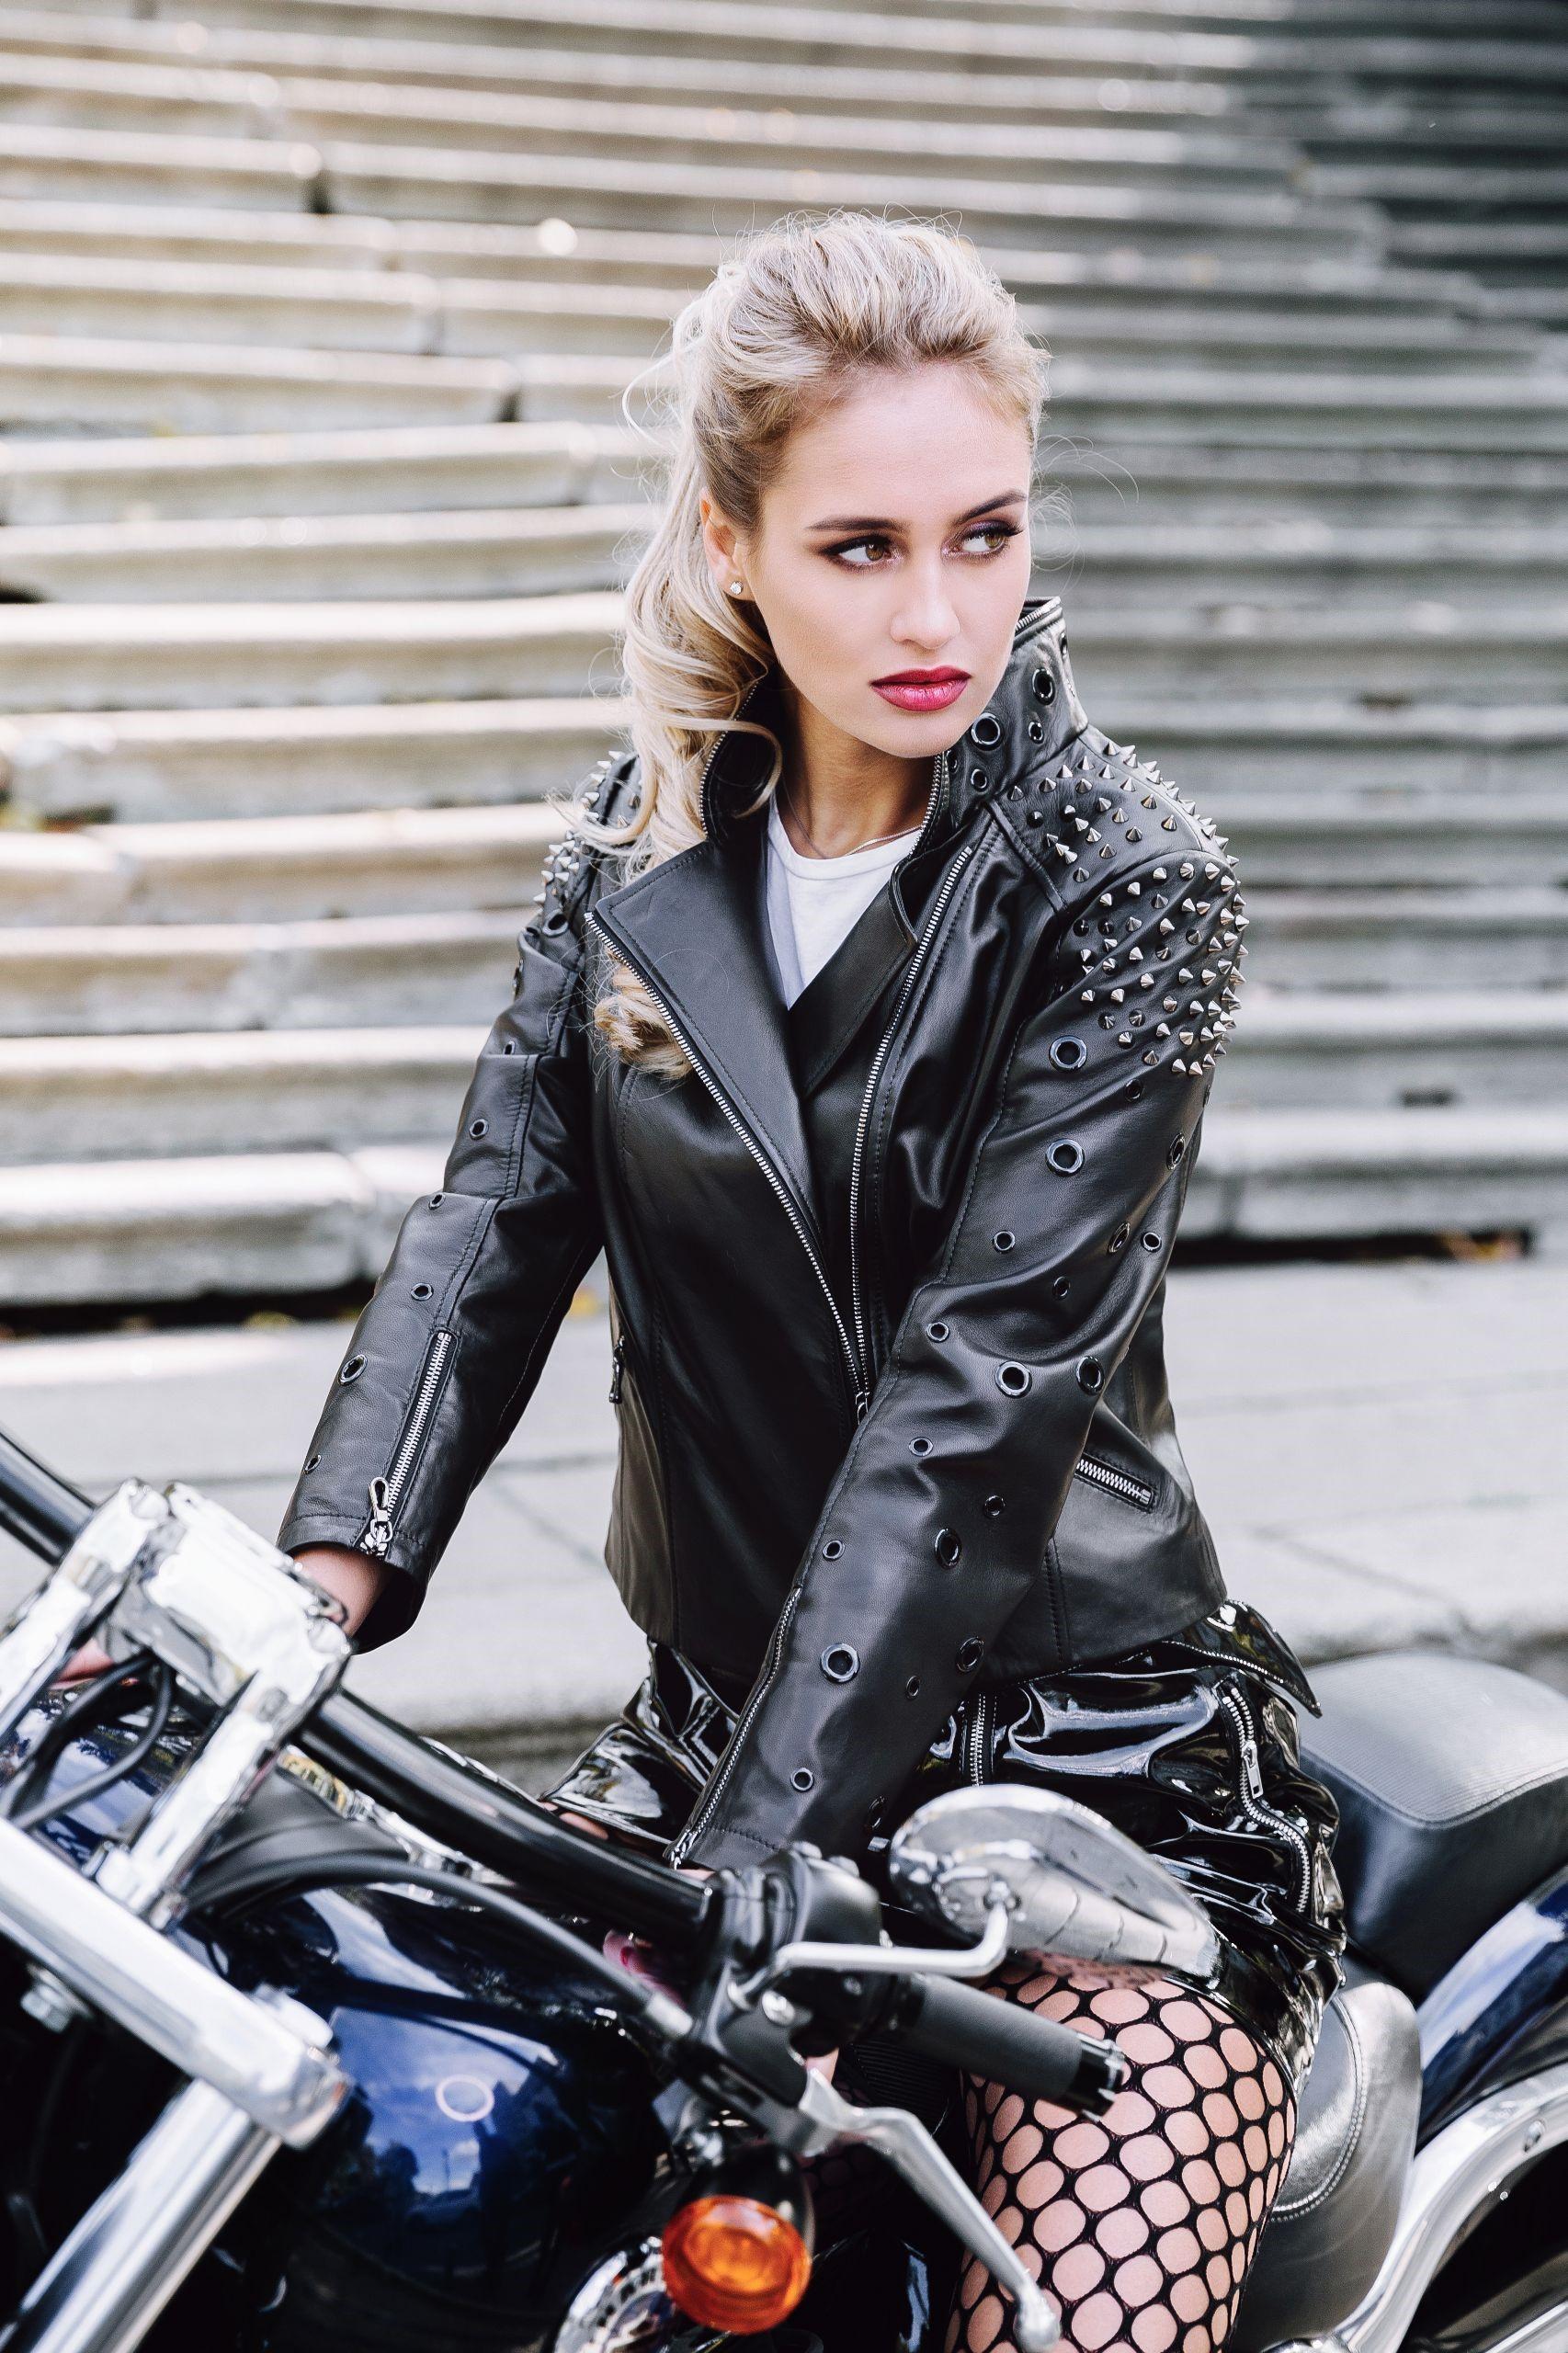 Кожаная куртка — как выбрать под тренды 2019 года